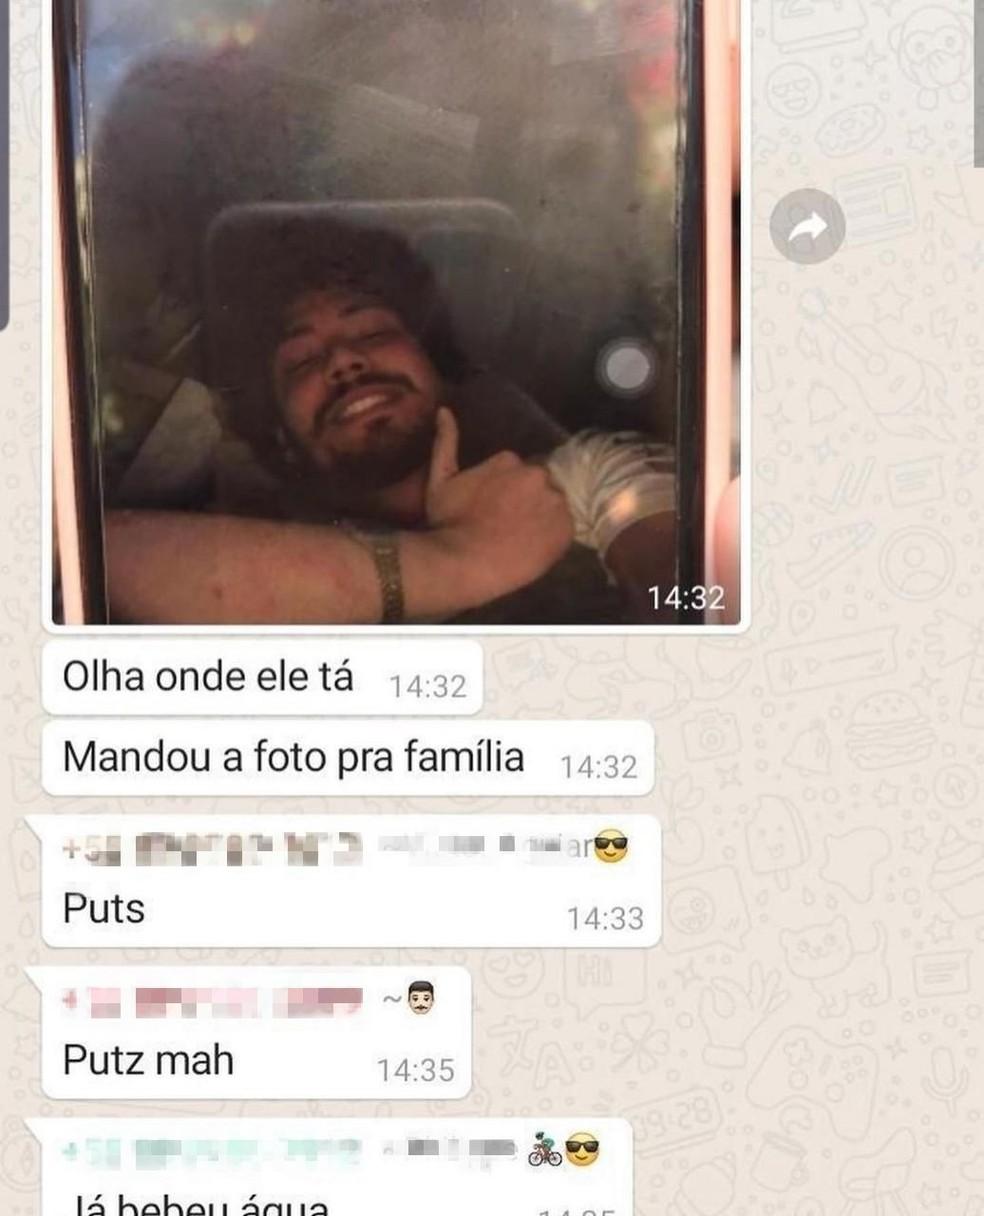 David Martins, que foi resgatado de prédio em Fortaleza, enviou foto para tranquilzar a família — Foto: Reprodução